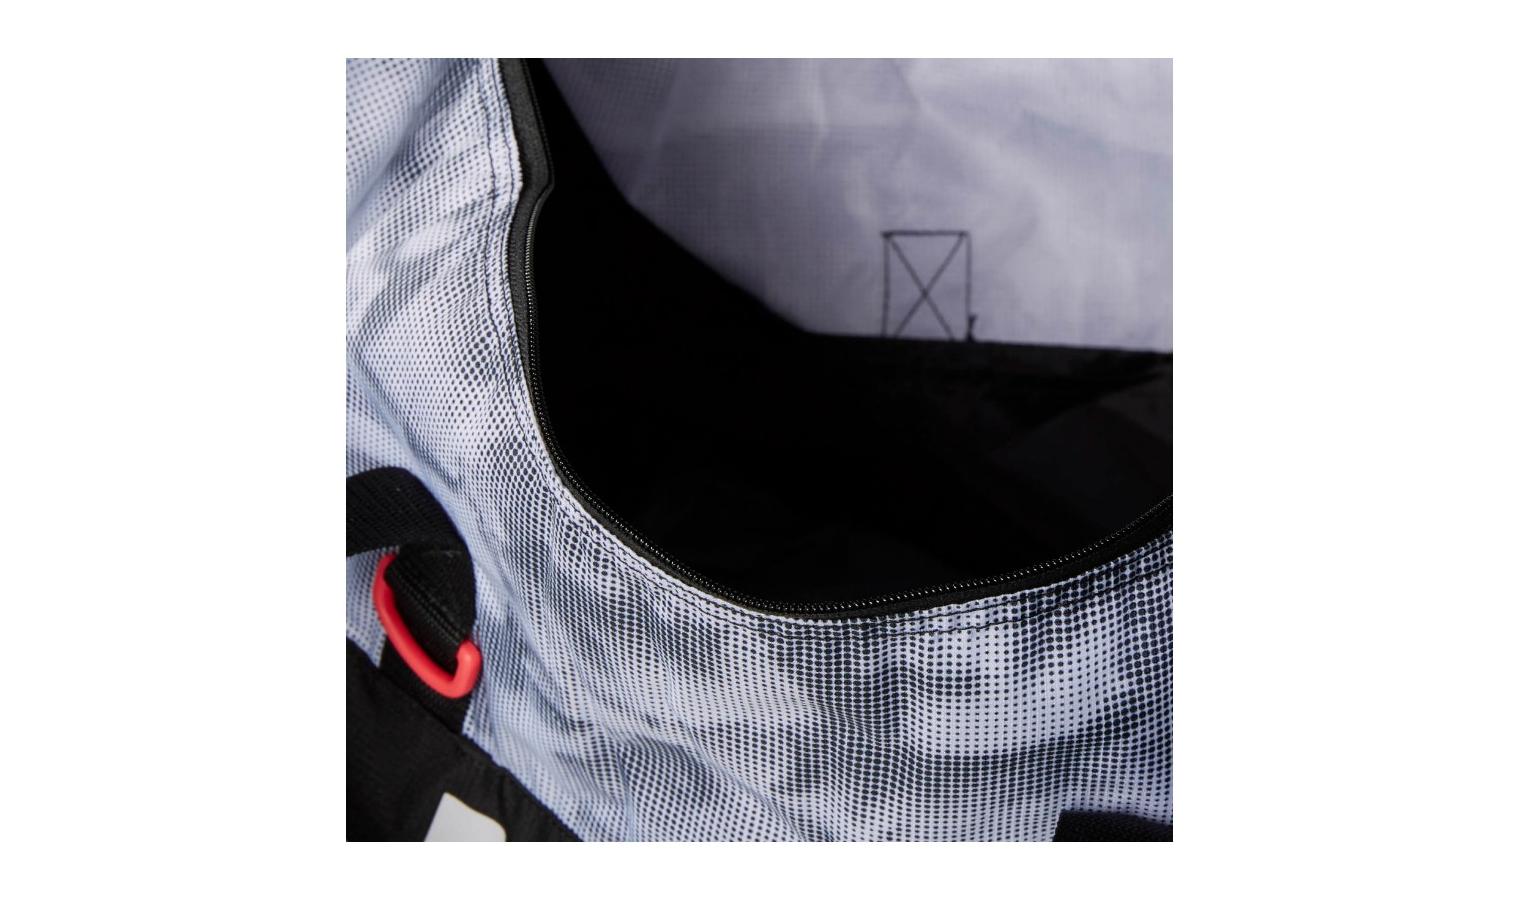 92526211a8 Sportovní taška adidas WOMEN LINEAR PERFORMANCE TEAMBAG M GRAPHIC černá